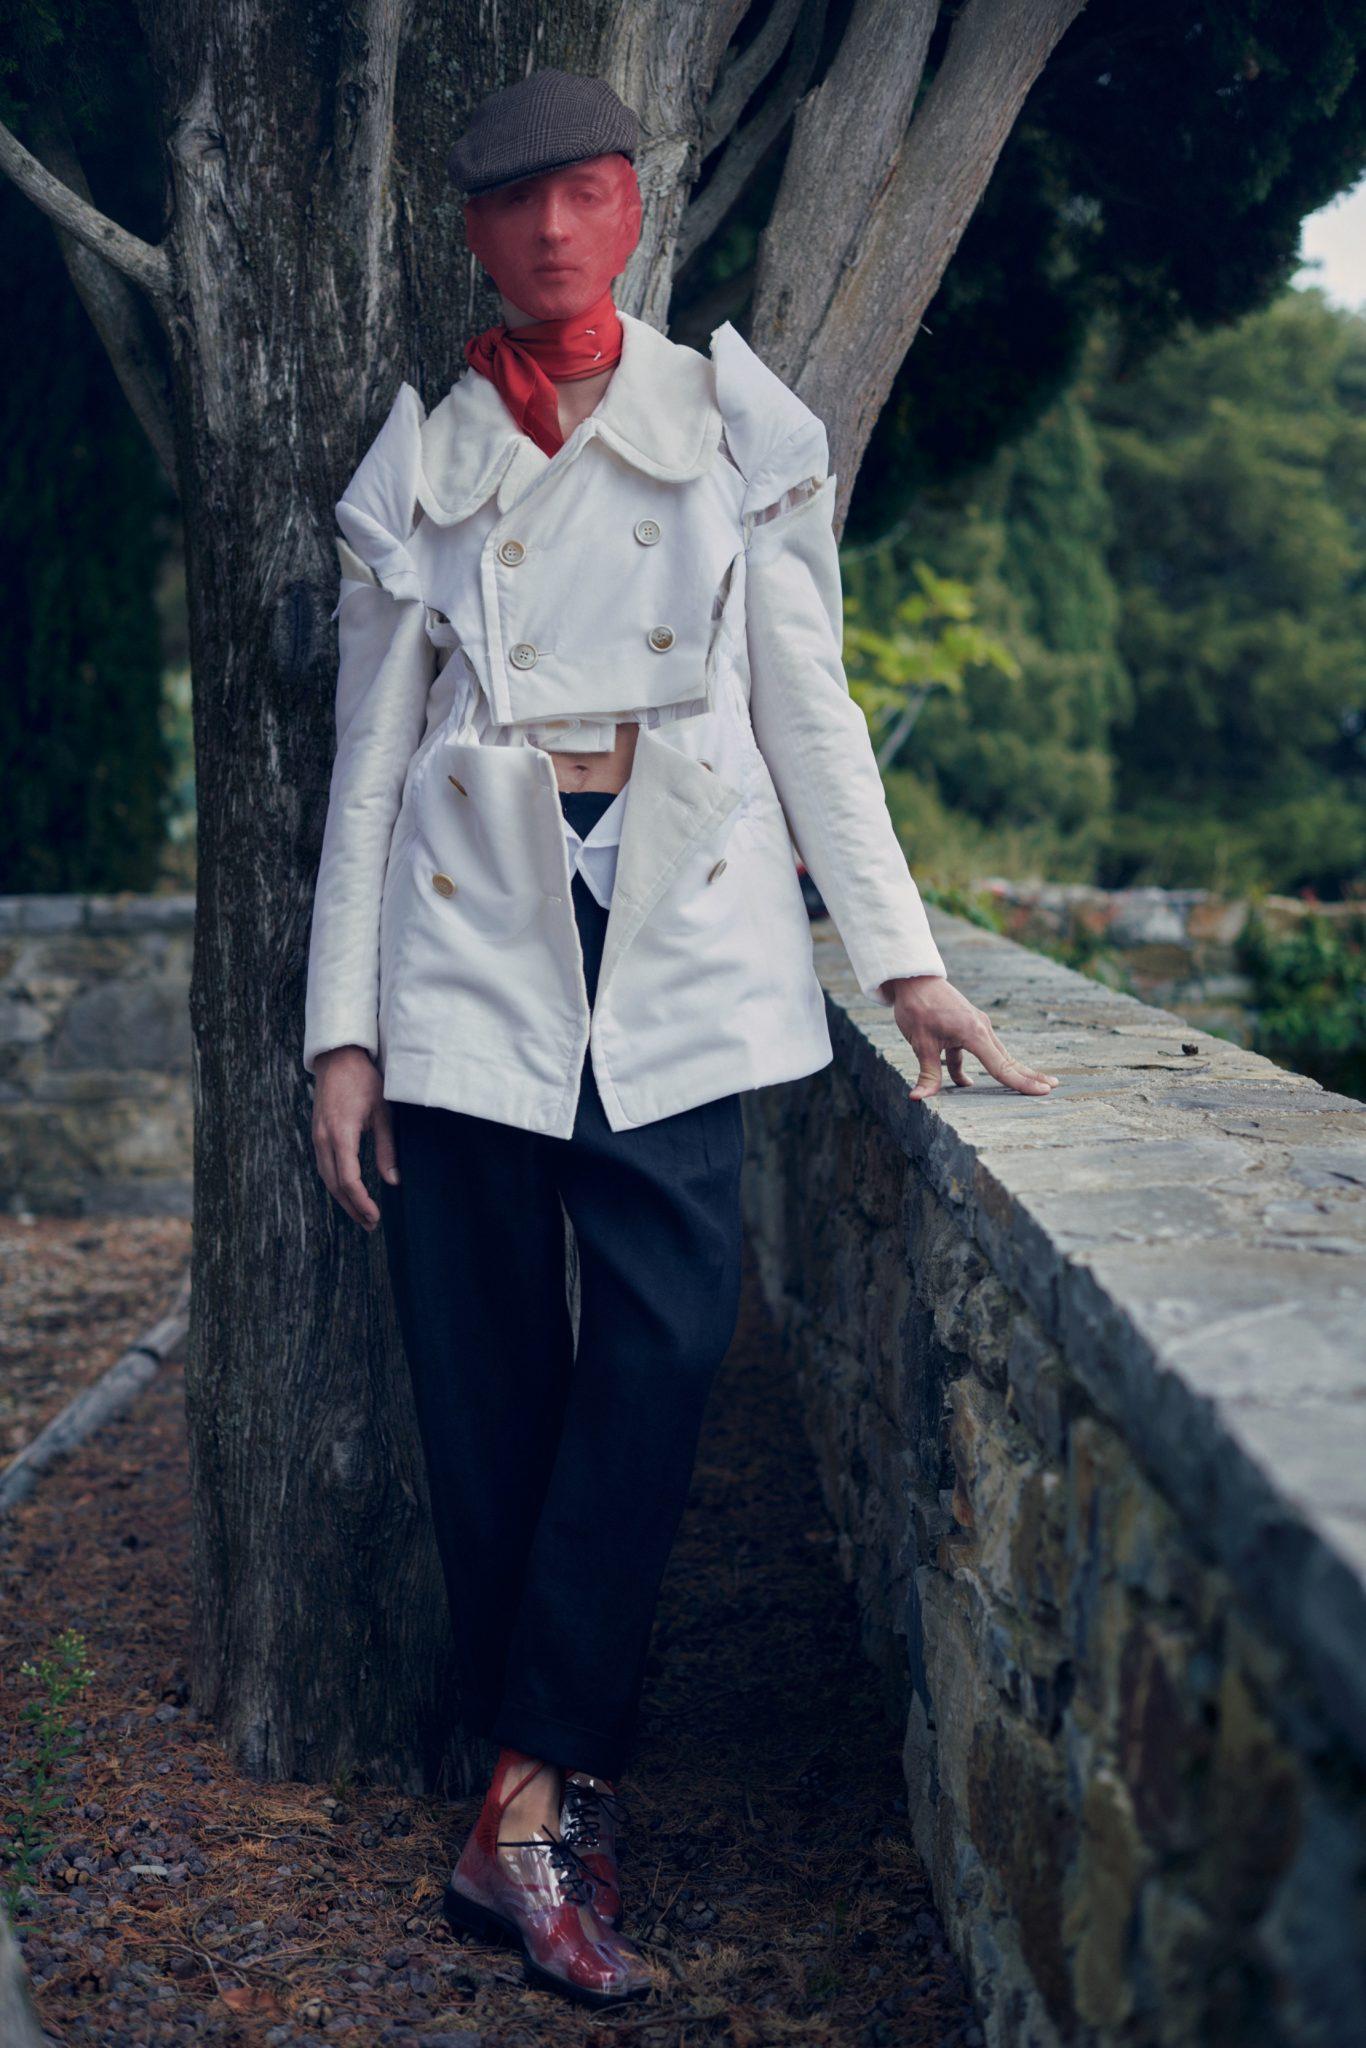 De SS21-collectie van Maison Margiela biedt stijlvolle inspiratie voor Halloween - 14